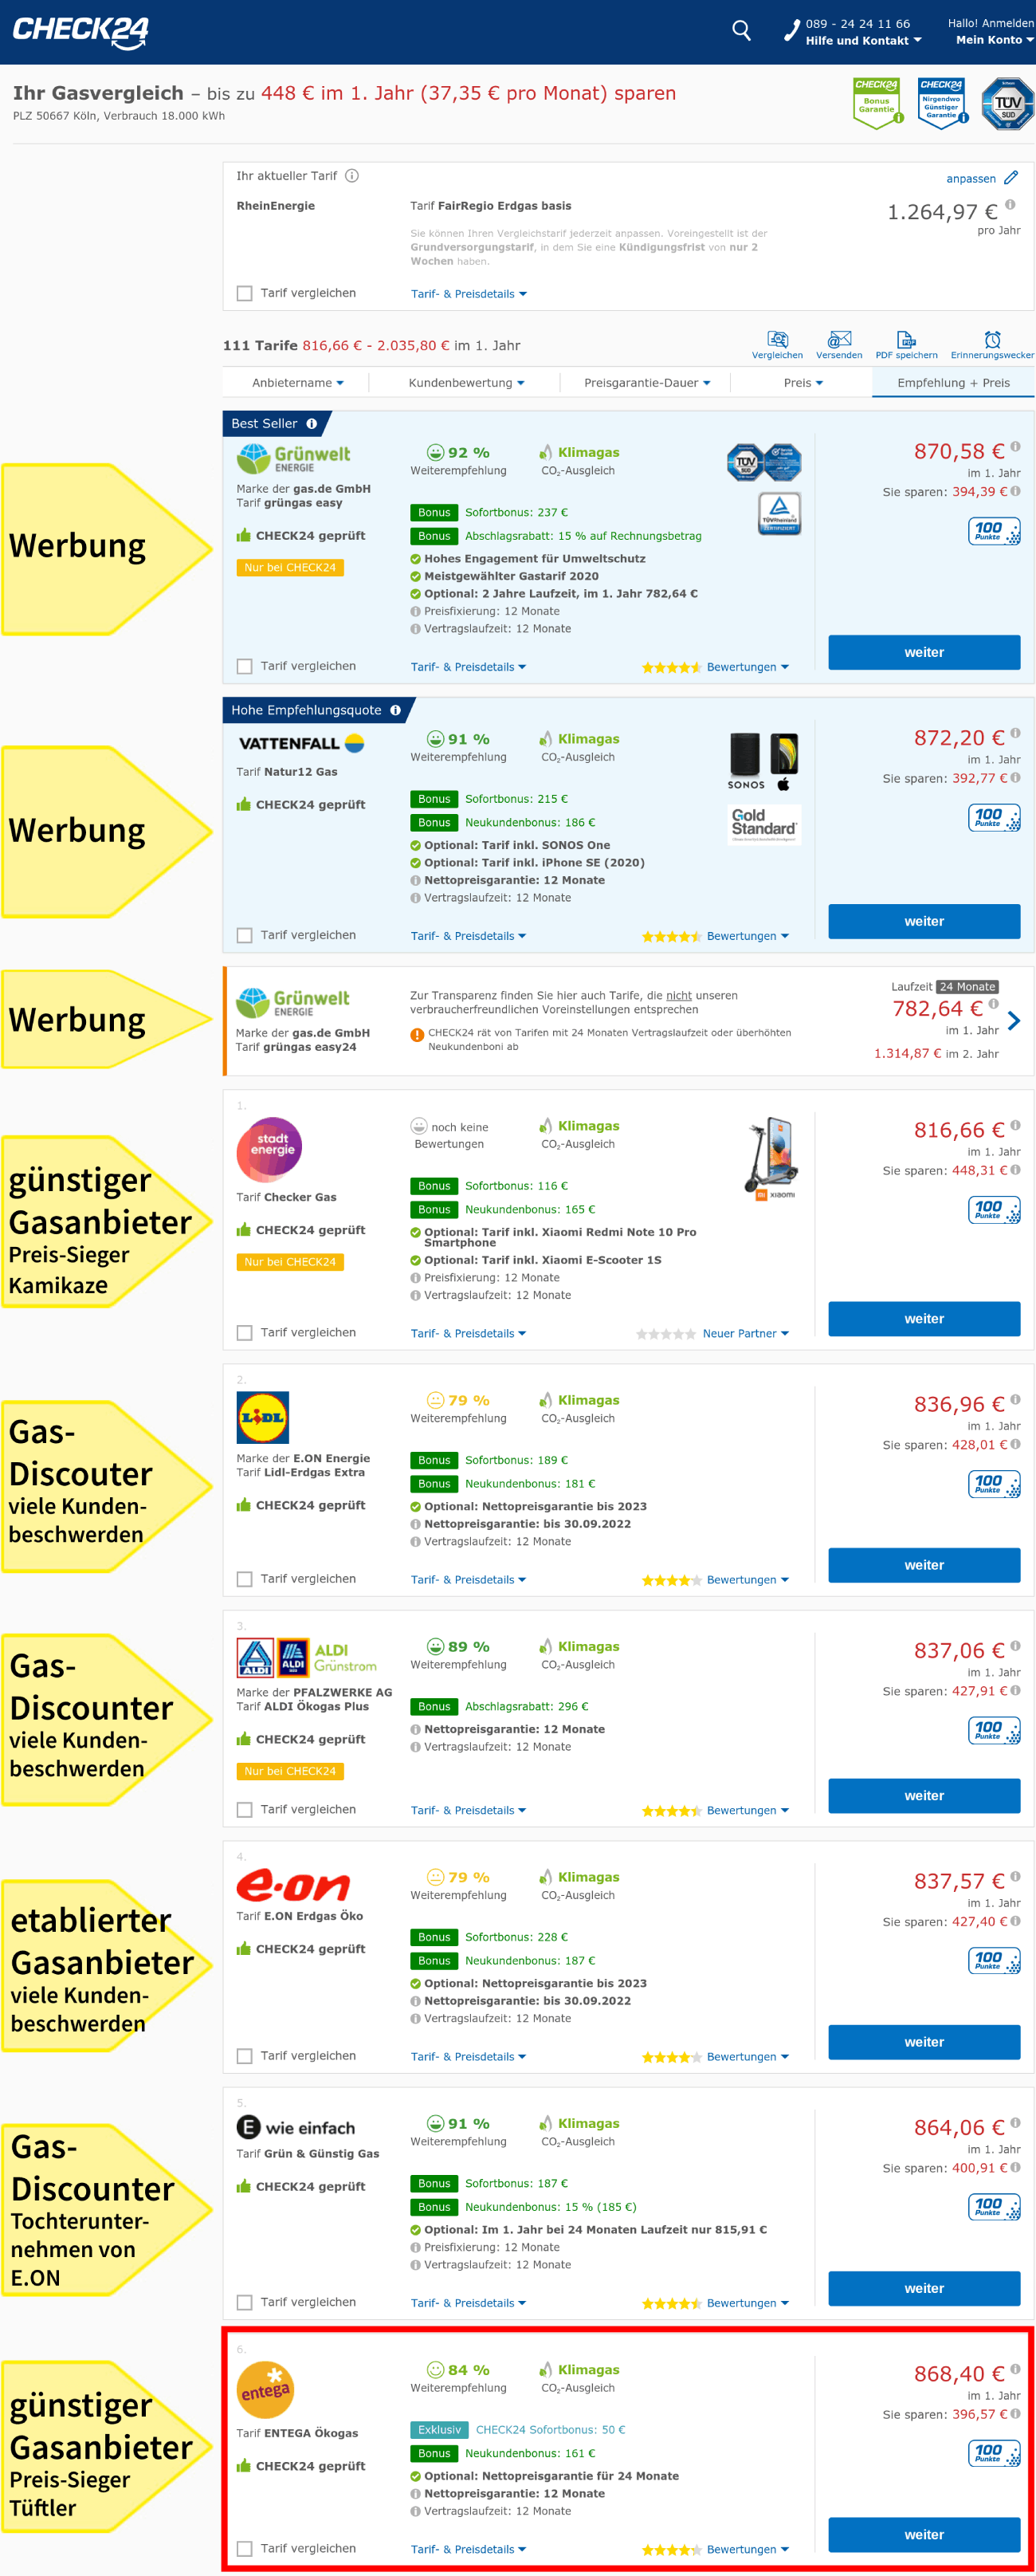 Die Auswahl im Vergleichsportal Check24, Gaspreisvergleich für Tüftler.